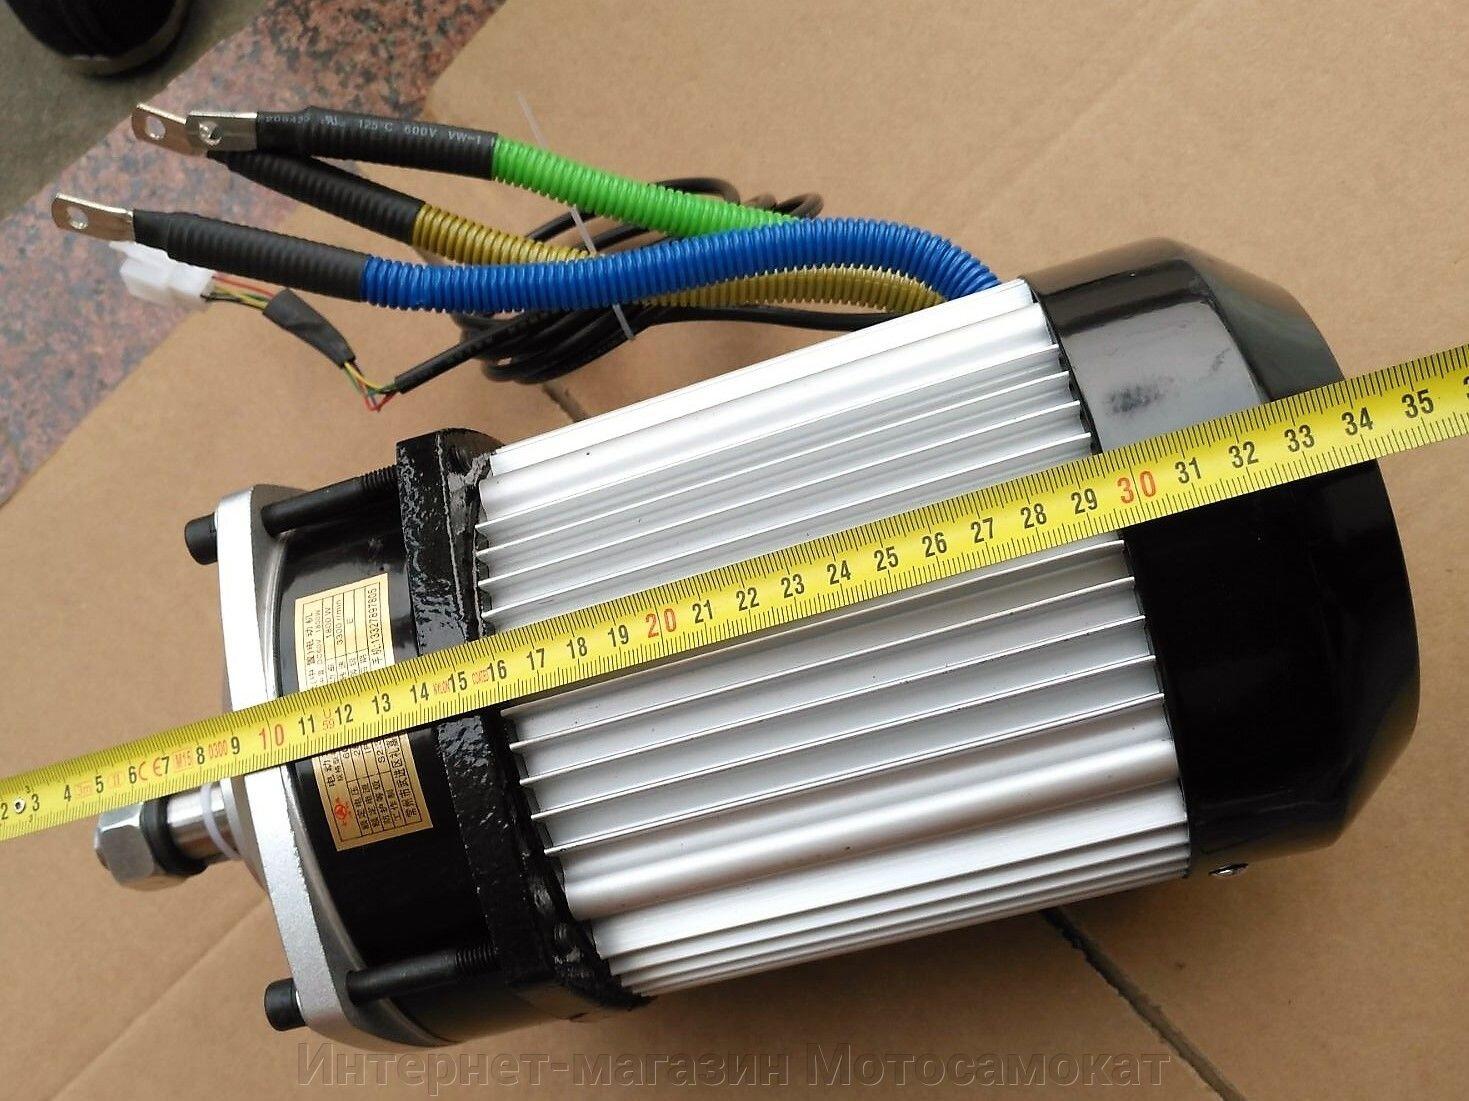 Электромотор бесколлекторный BLDC 60v 2.2kw для электротранспорта. - фото Электродвигатель бесколлекторный 60 вольт 2200 ватт